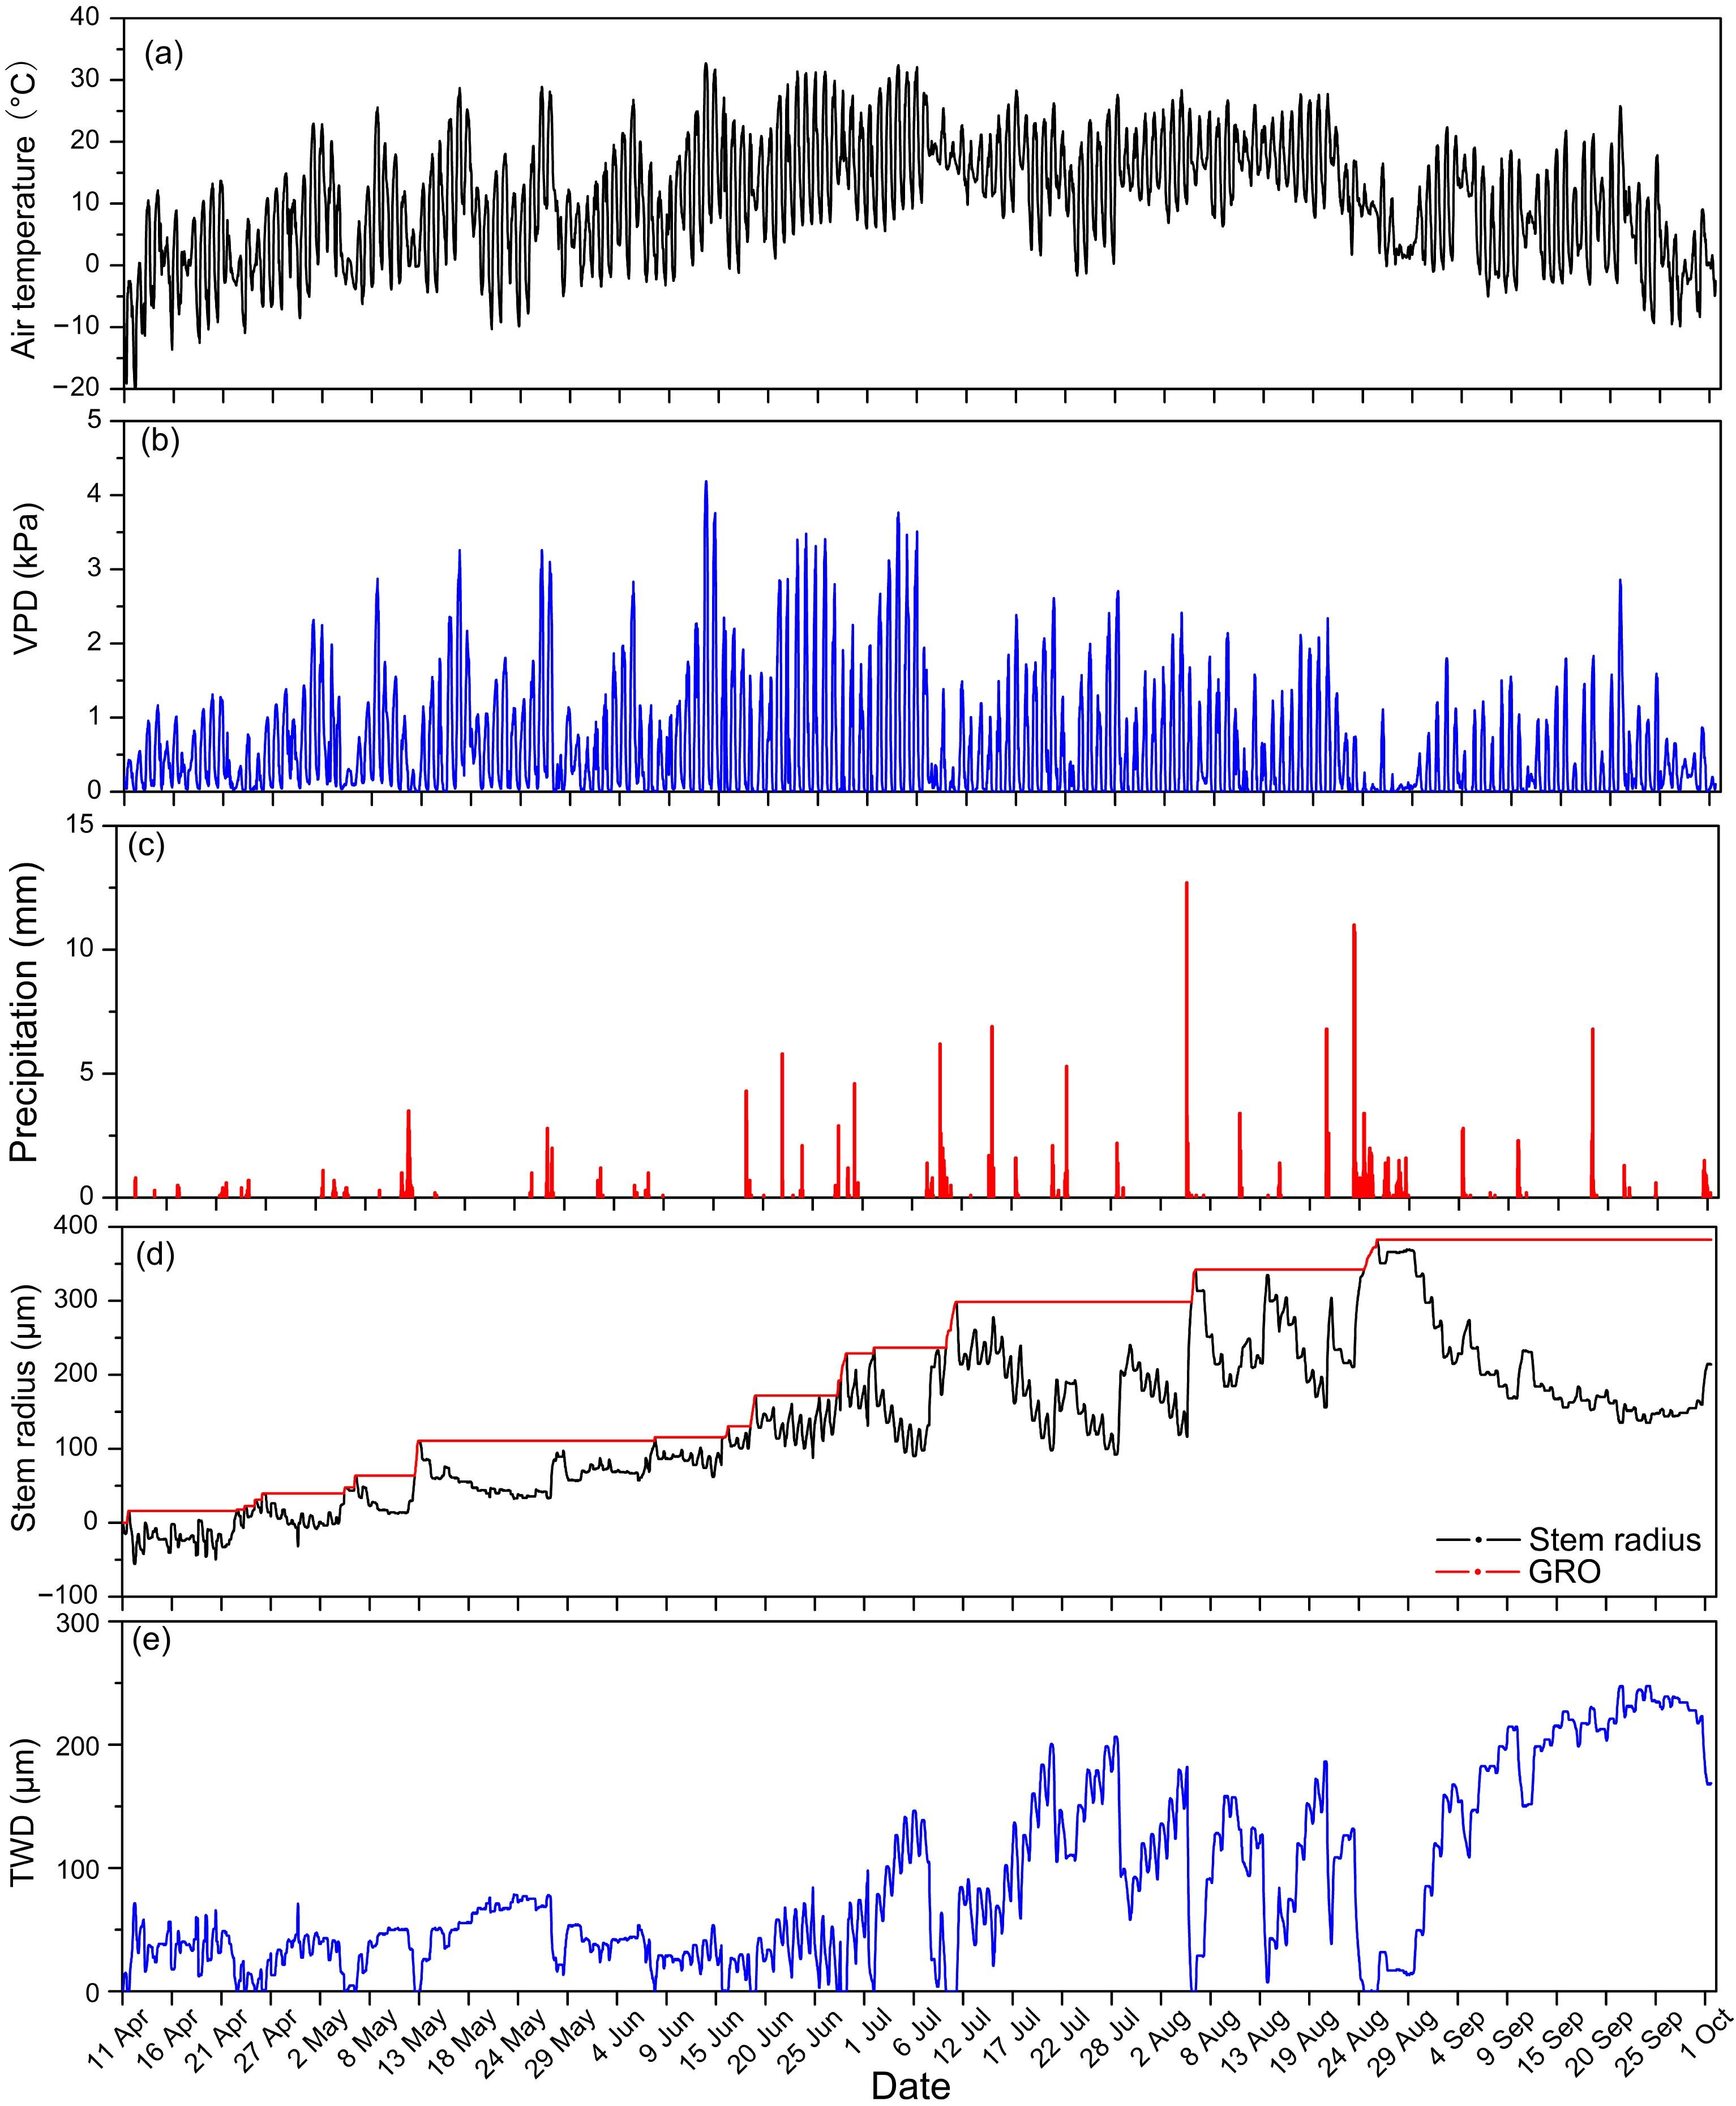 图1 (a)气温(Ta),(b)饱和水汽压差(VPD),(c)降雨量(P),(d)兴安落叶松径半径变化(SRV)与可逆径萎缩(TWD),(e)不可逆径胀大(GRO)在2017年4月11日至10月1日测量期间的变化特征